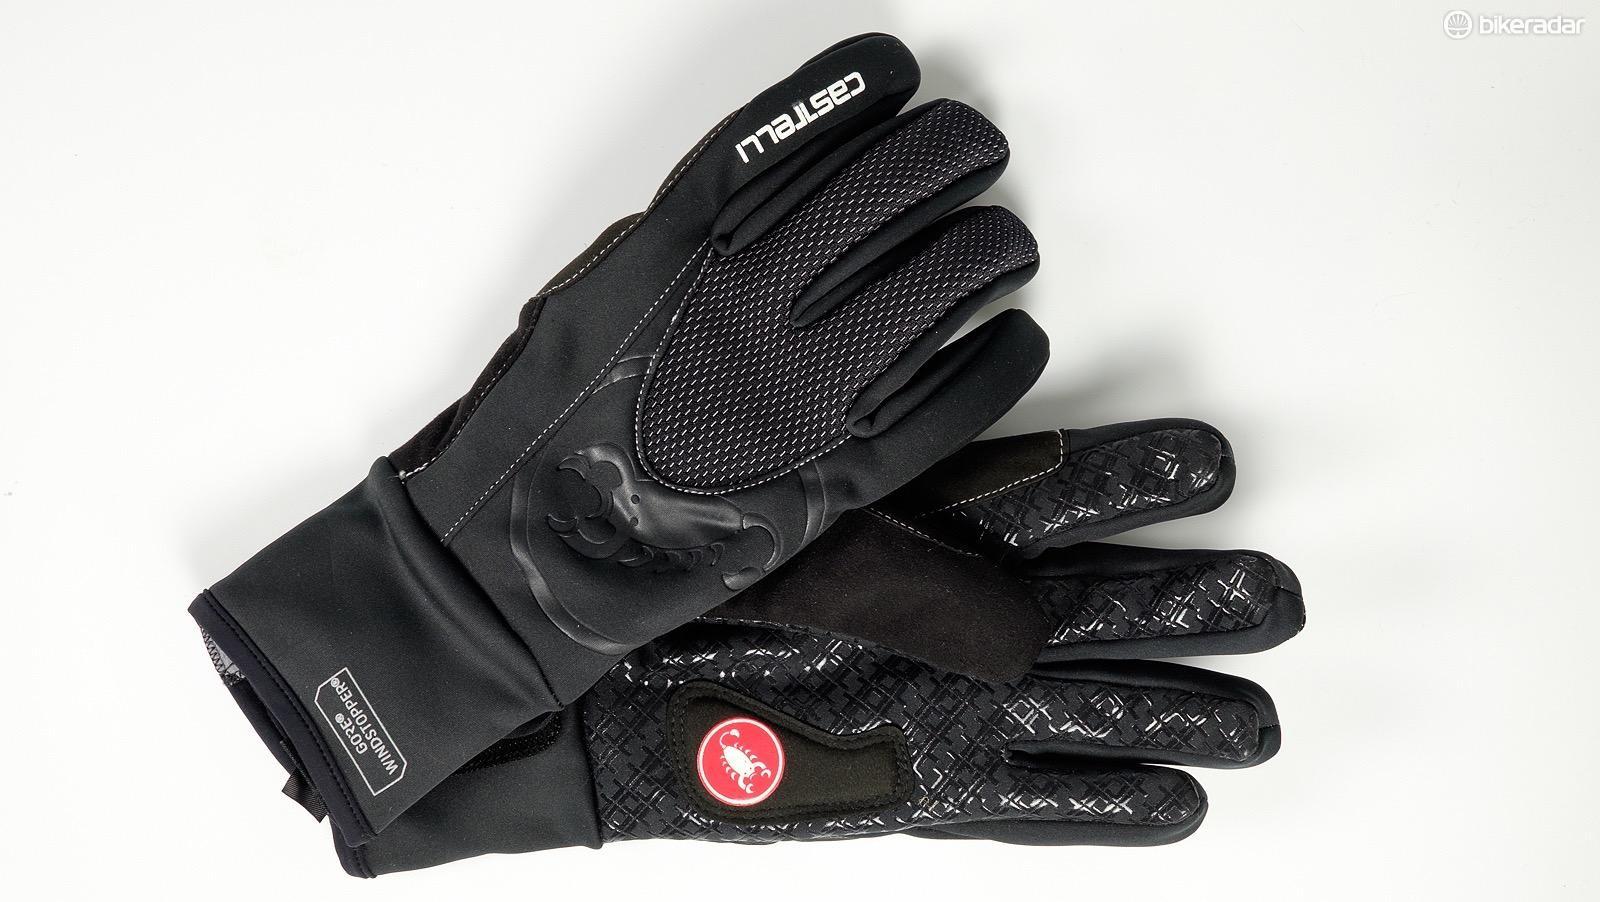 gloves-6-of-6-1510591369549-pwf2bsst90vb-8429411